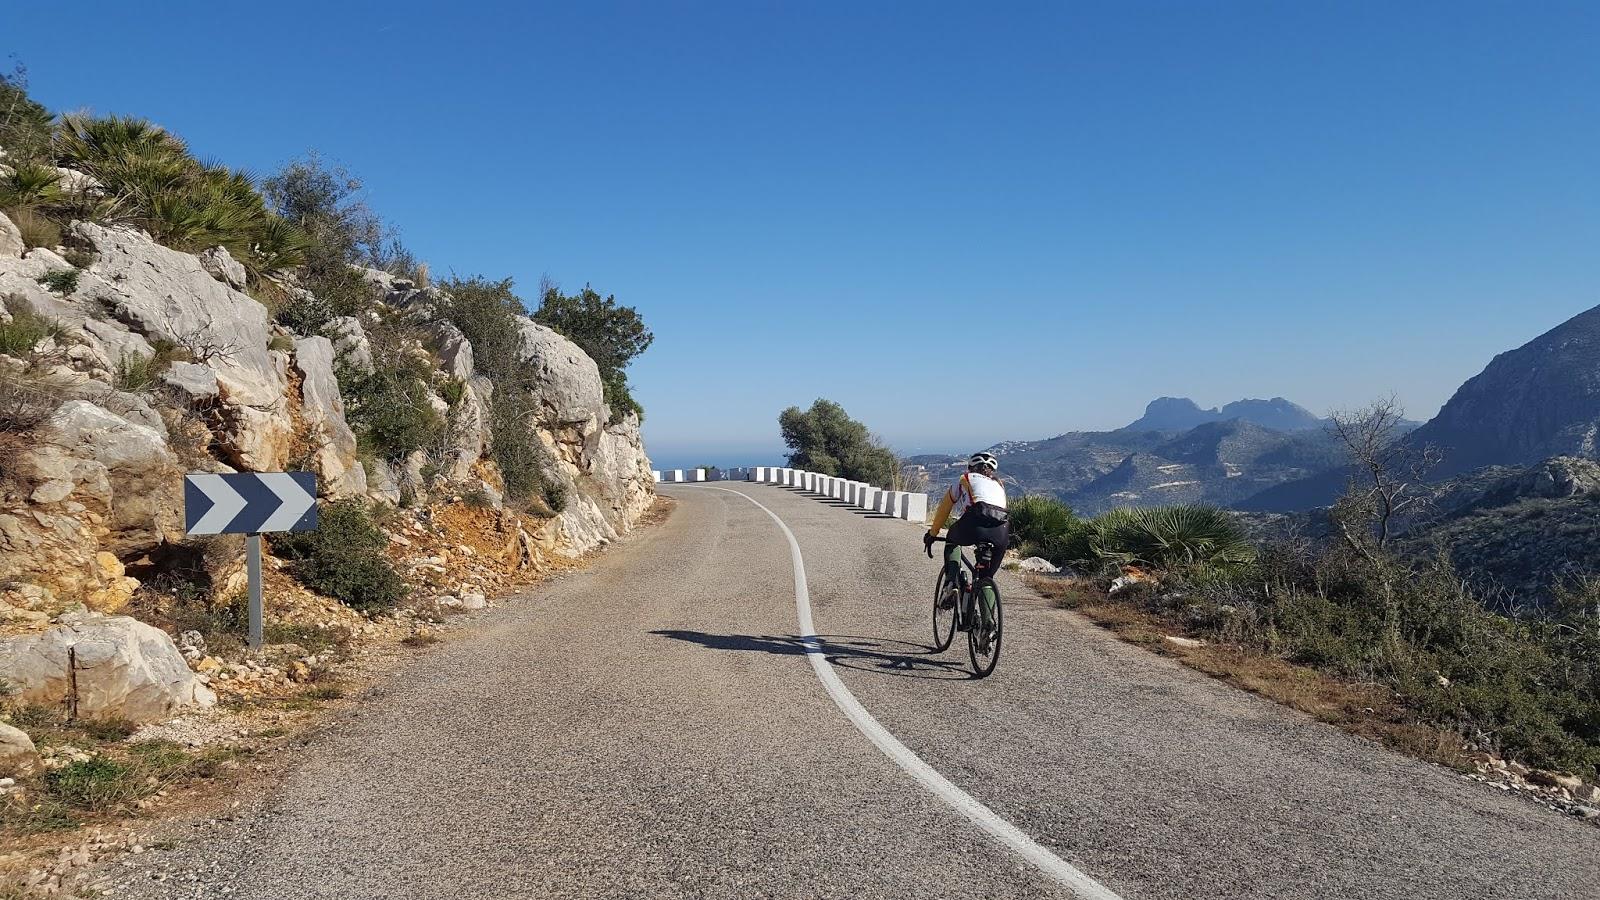 Cyclist descending Vall d'ebo, Alicante, Spain